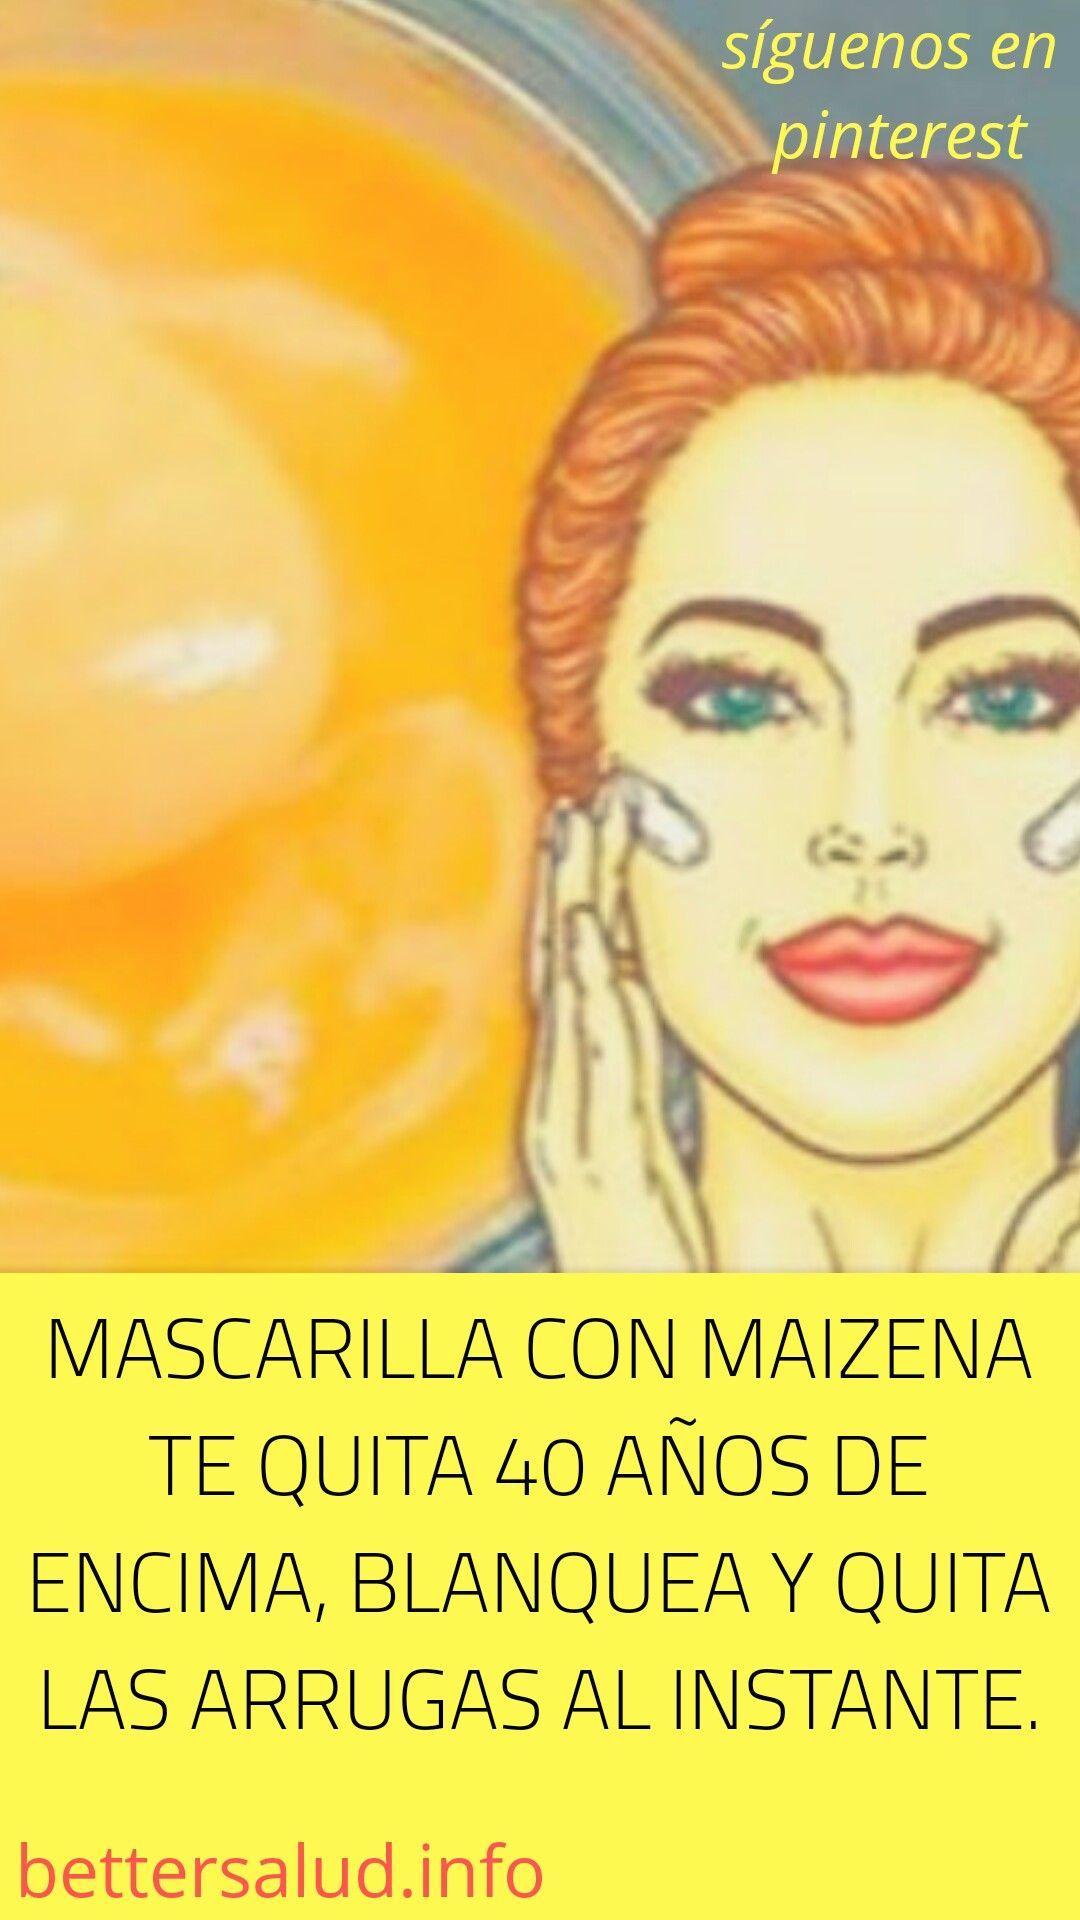 Mascarilla Con Maizena Te Quita 40 Años De Encima Blanquea Y Quita Las Arrugas Al Instante Beauty Hacks Silky Skin Homemade Beauty